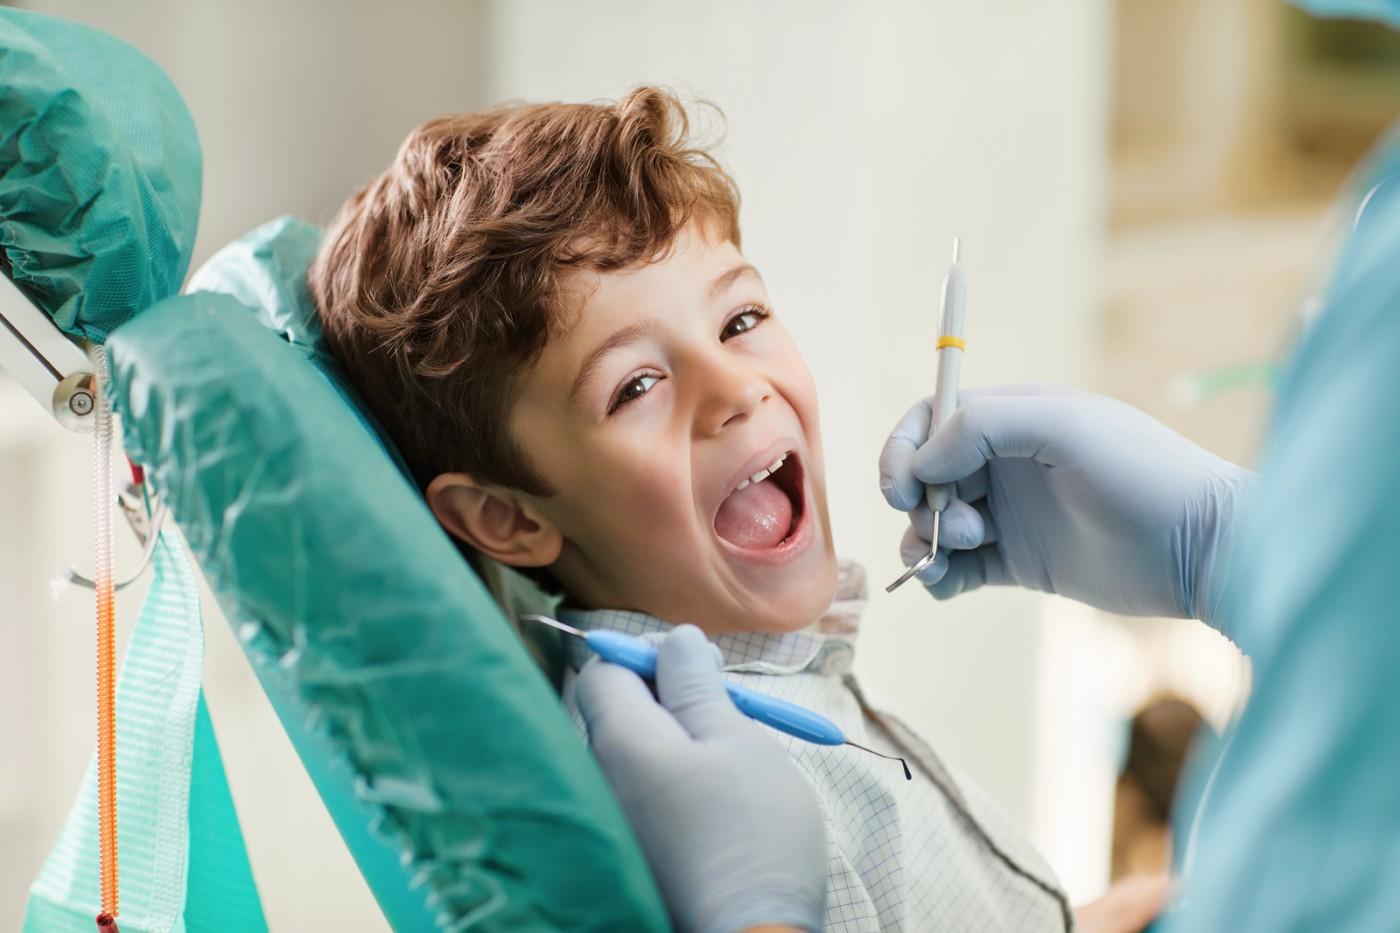 Primul consult stomatologic la copii